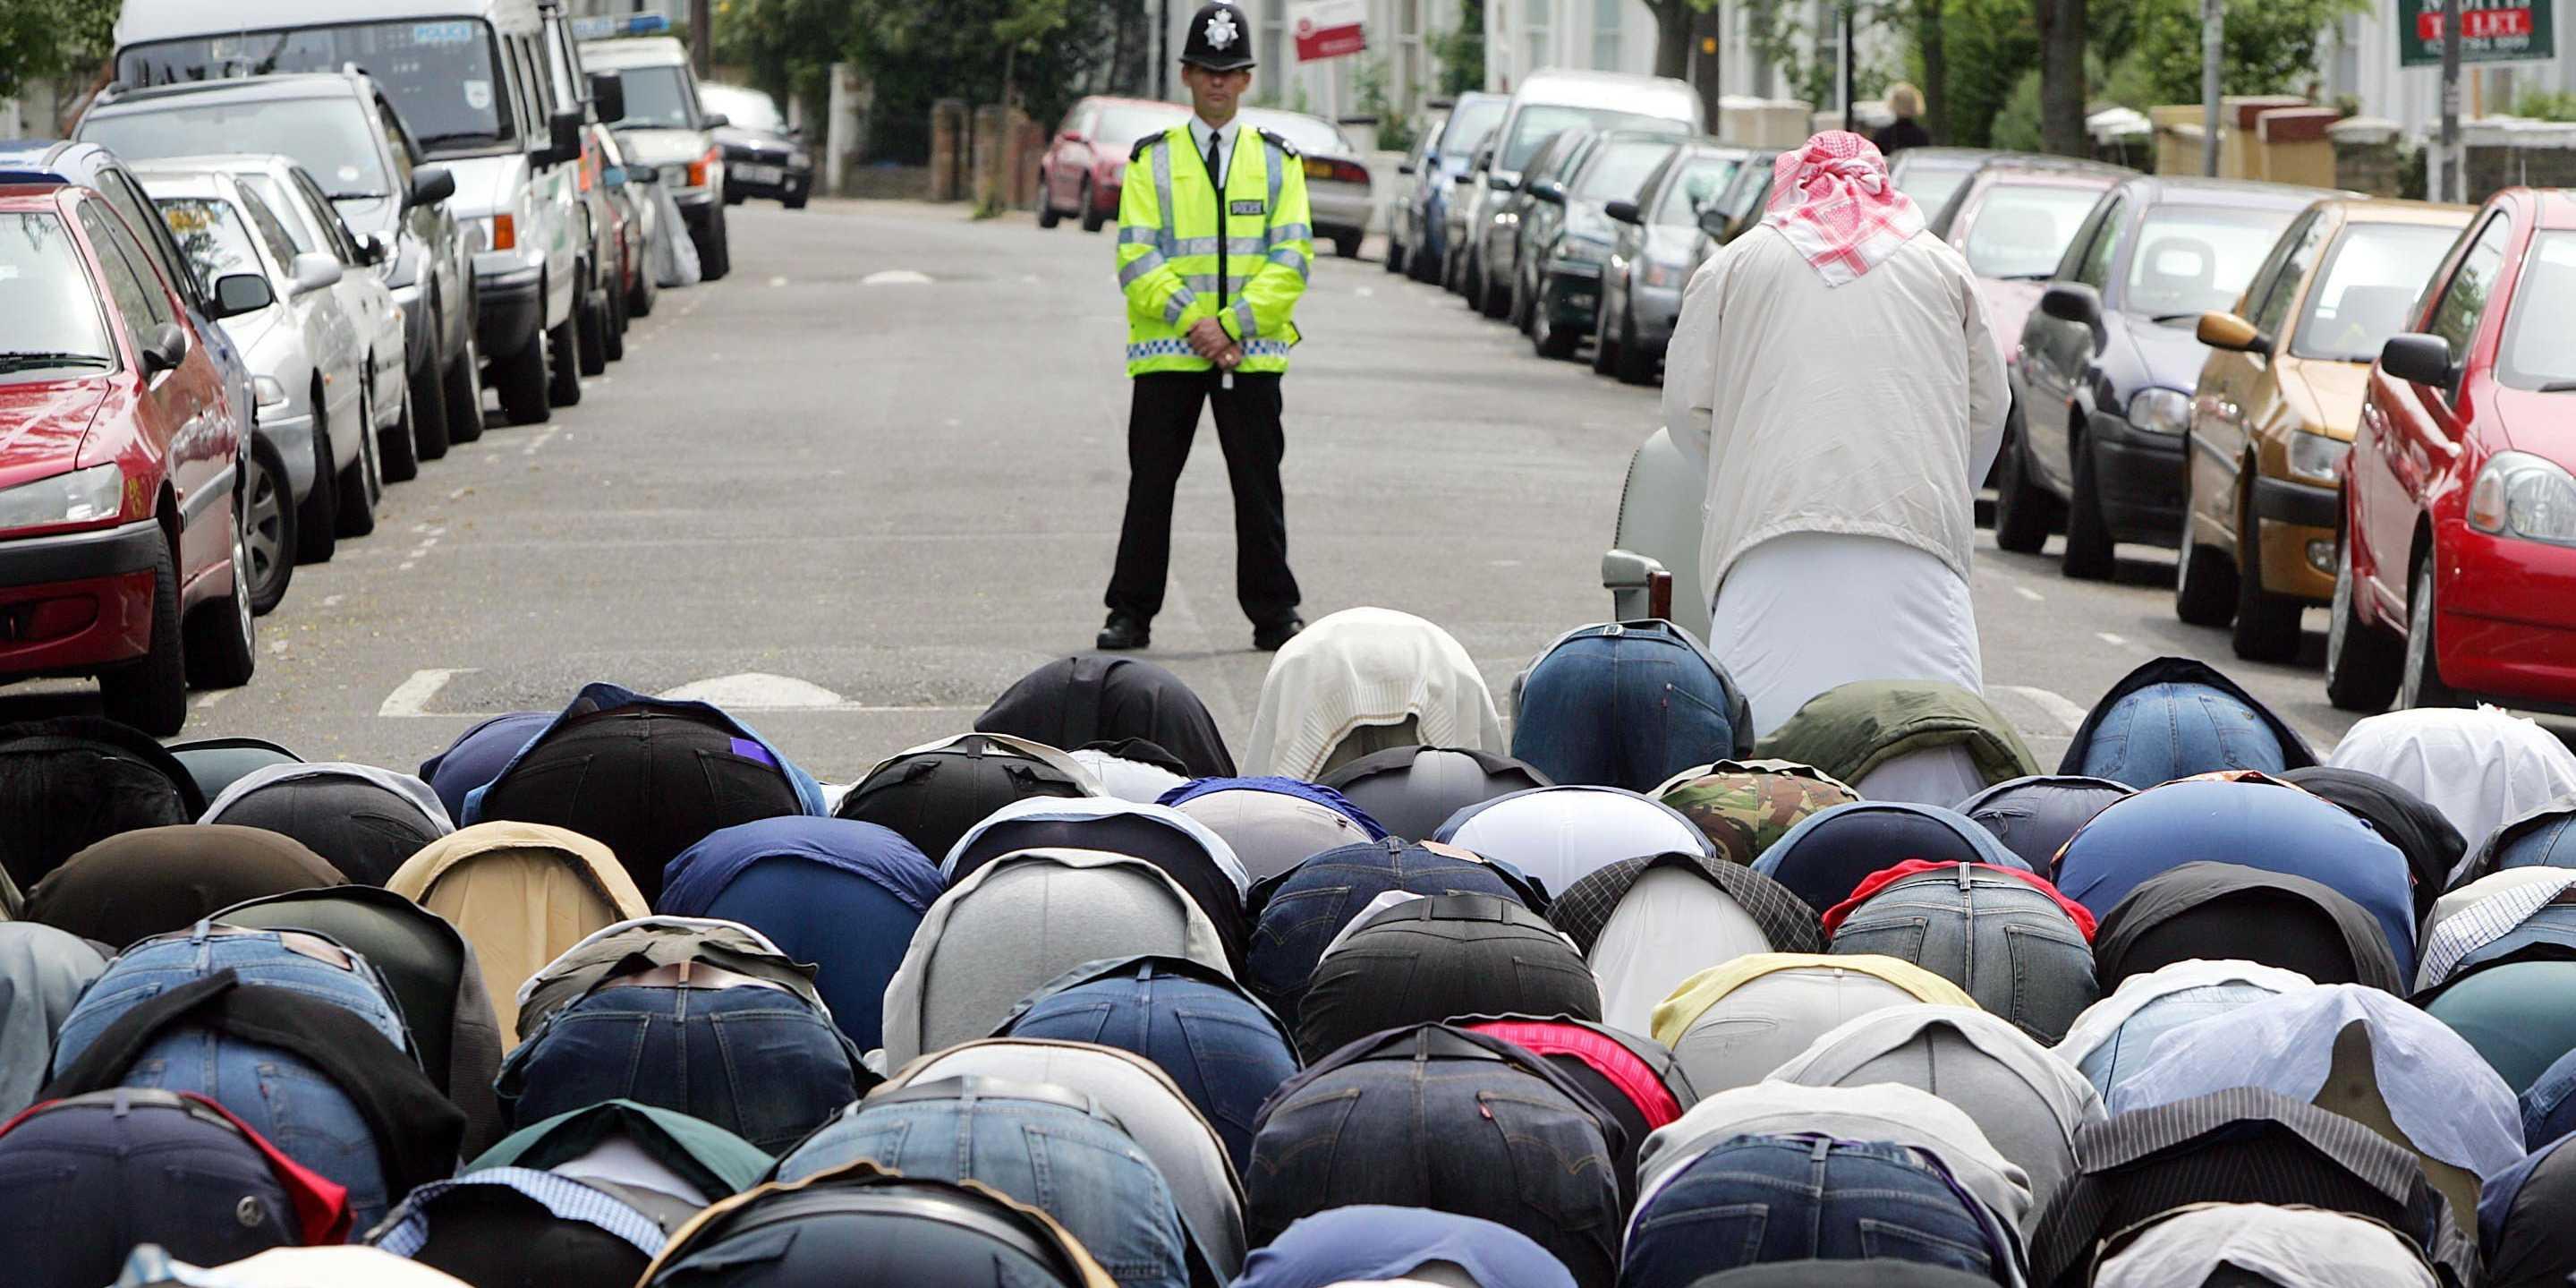 Kościół Anglii chce zmuszać dzieci do nauki islamu